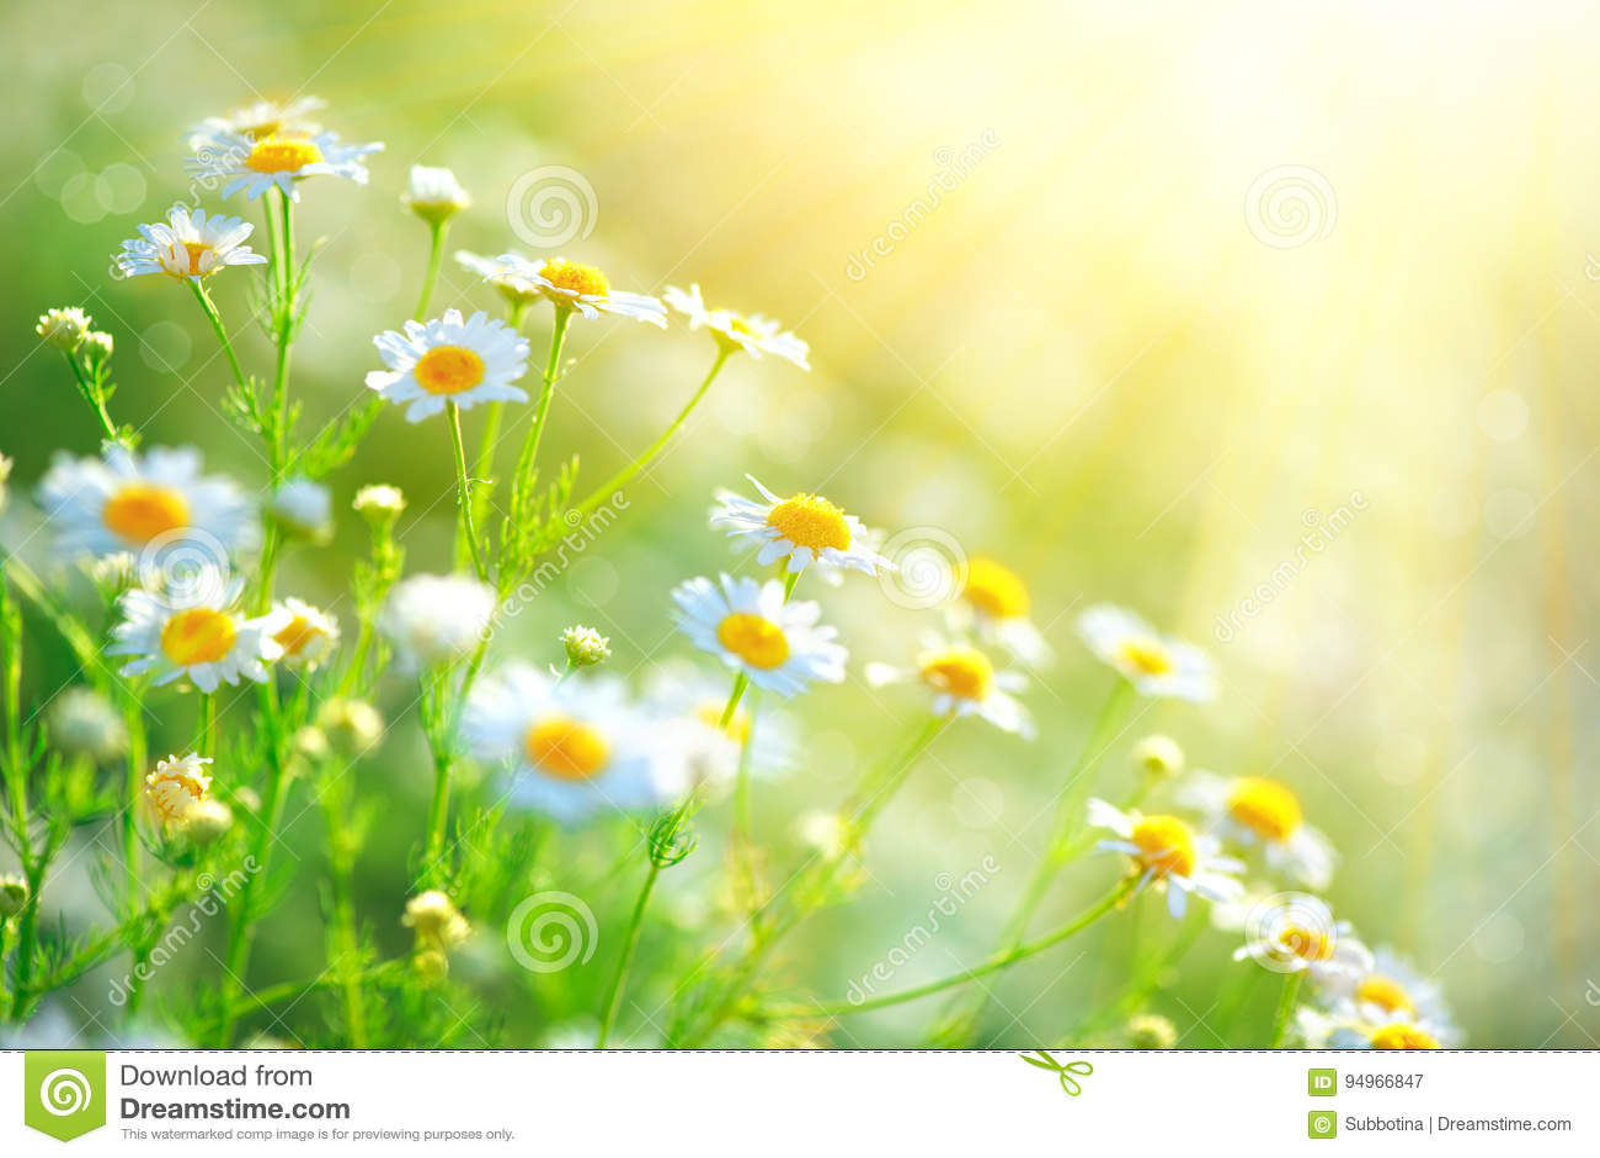 Le champ de camomille fleurit la frontière Belle scène de nature